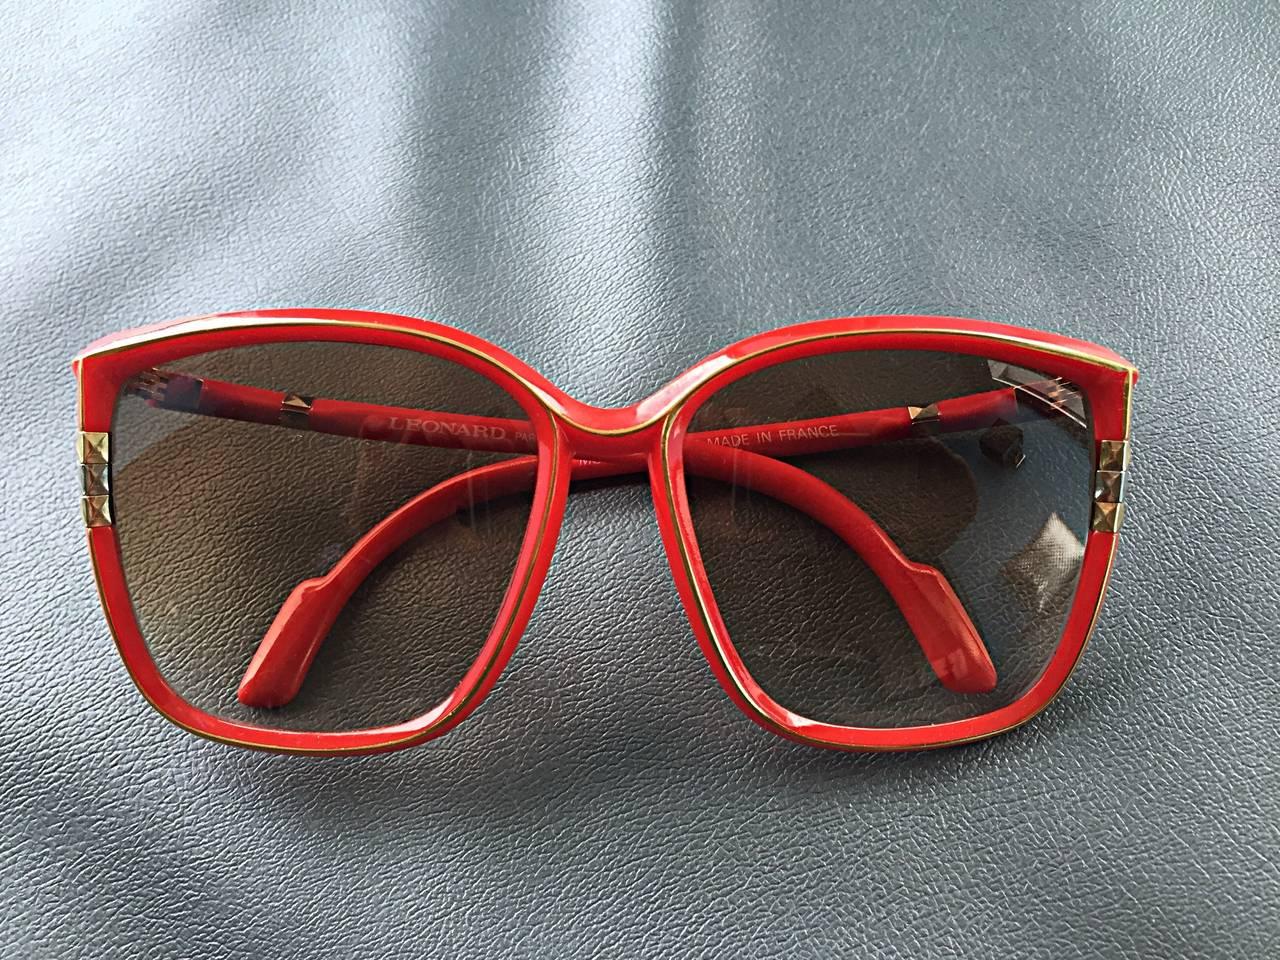 1970s Leonard Vintage Red Cat Eye Oversized Runway Sunglasses / Glasses 4